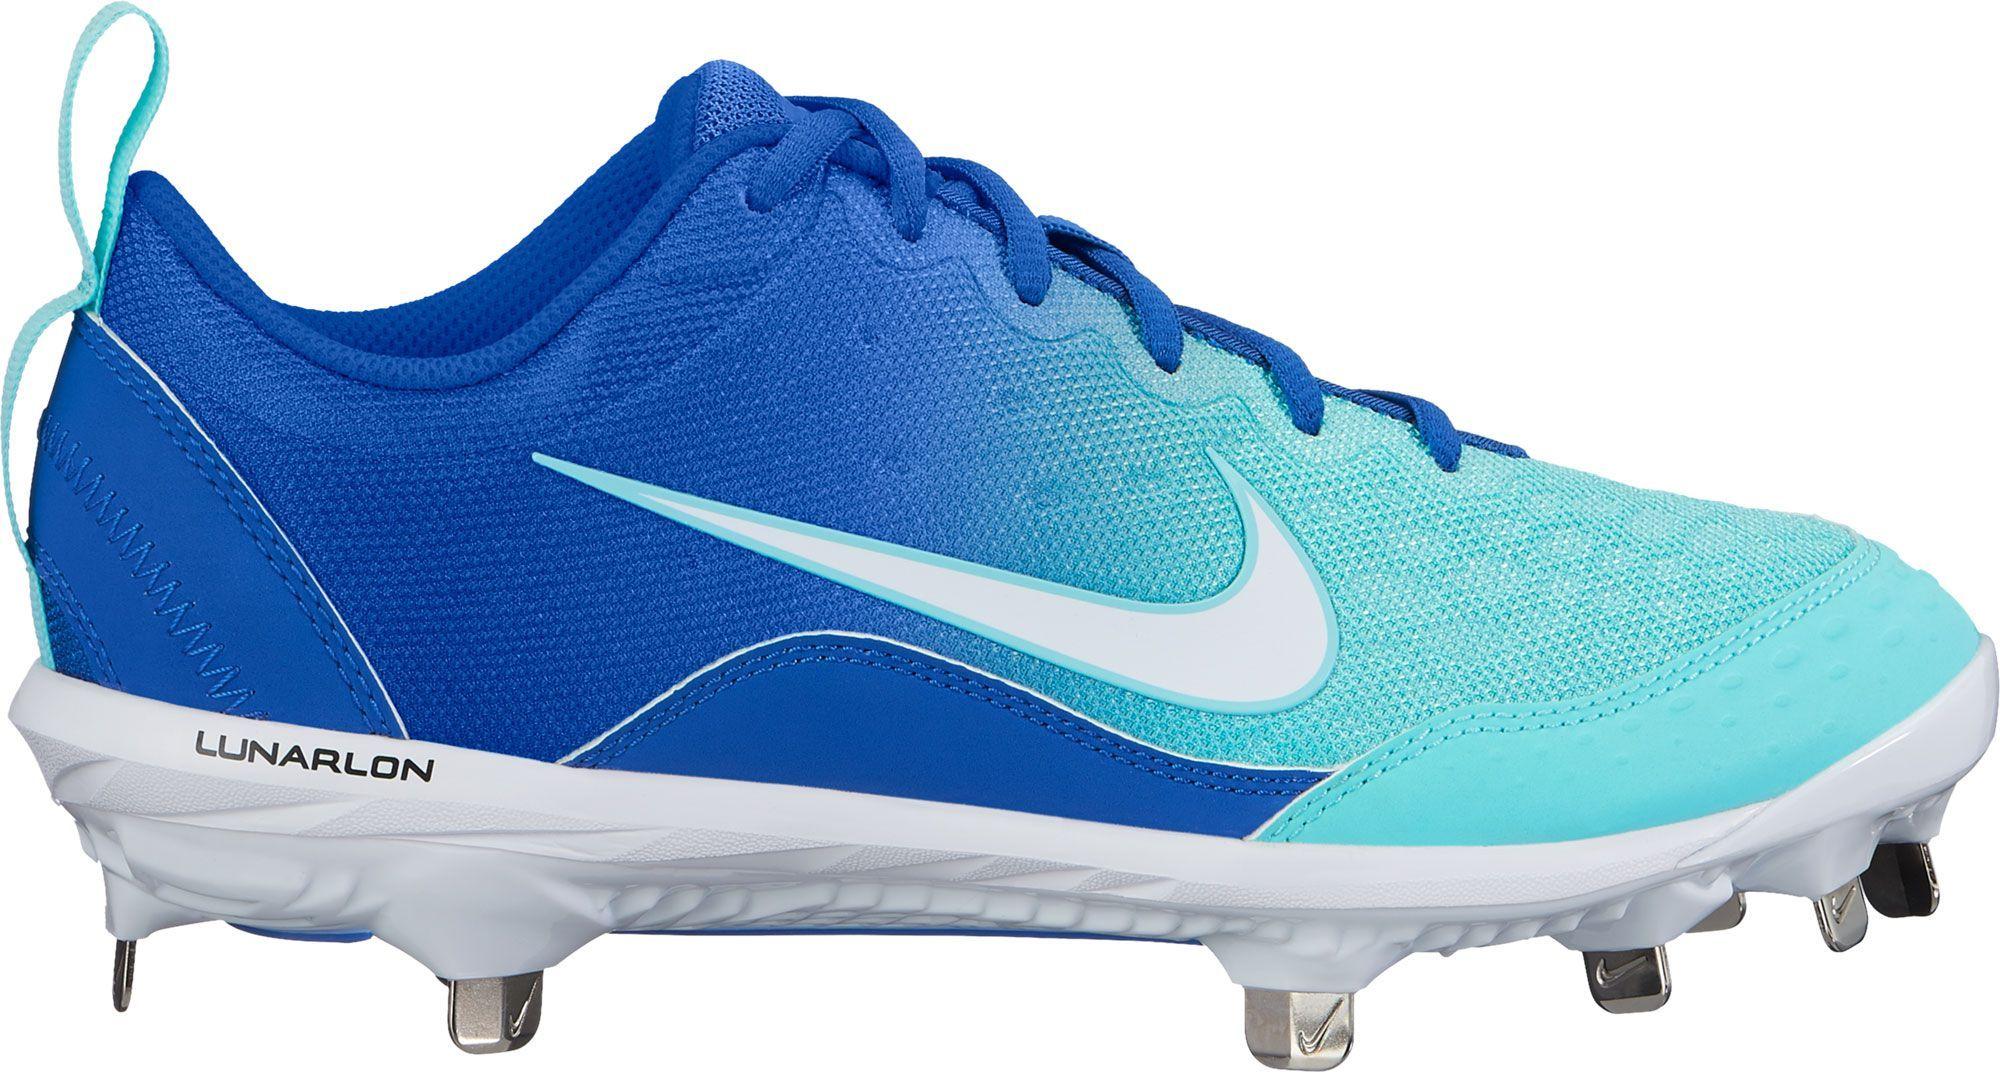 d76d3af30bf2 Nike Women's Lunar Hyperdiamond 2 Pro Fastpitch Softball Cleats ...